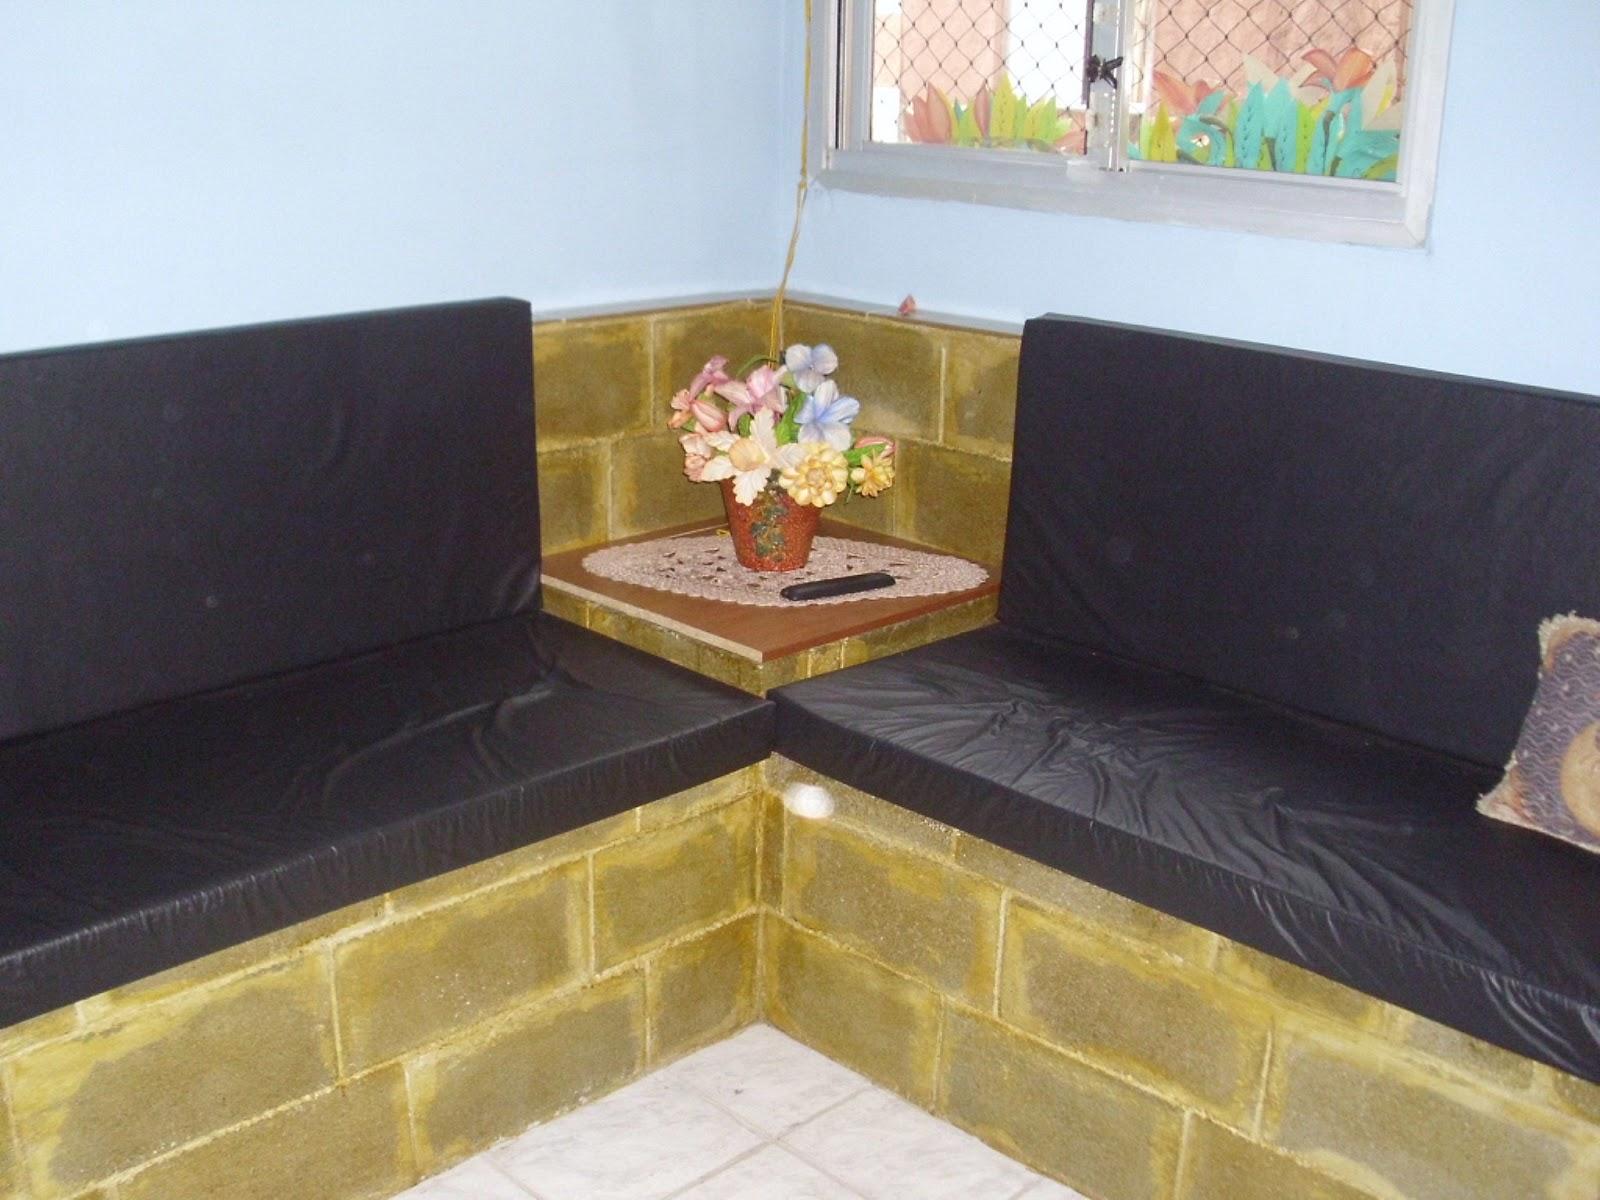 Sala Pequena Com Sofa De Alvenaria ~ Mistura do Lar Estante e sofá de alvenaria feito pela minha vizinha